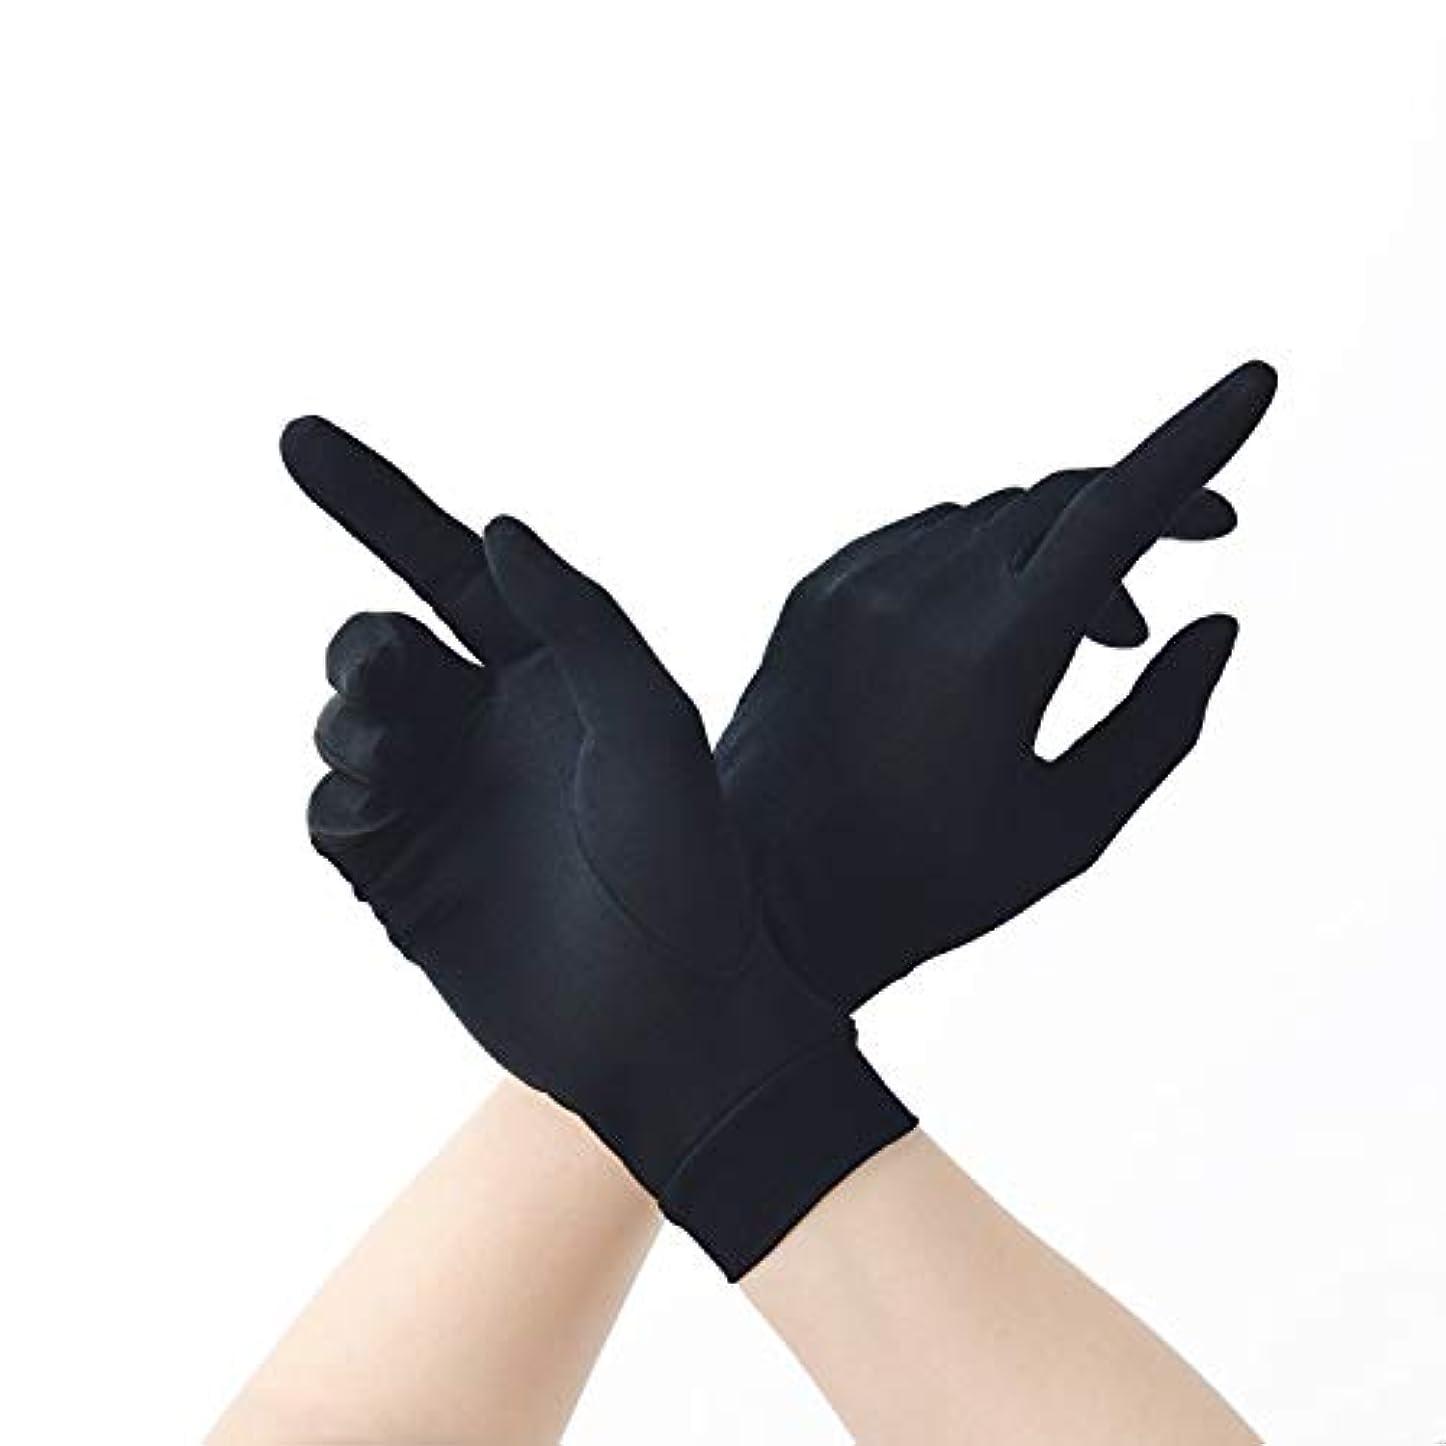 ストロークペナルティトーナメント保湿 夏 ハンド 手袋 シルク 紫外線 日焼け防止 手荒い おやすみ 手触りが良い ケア レディース